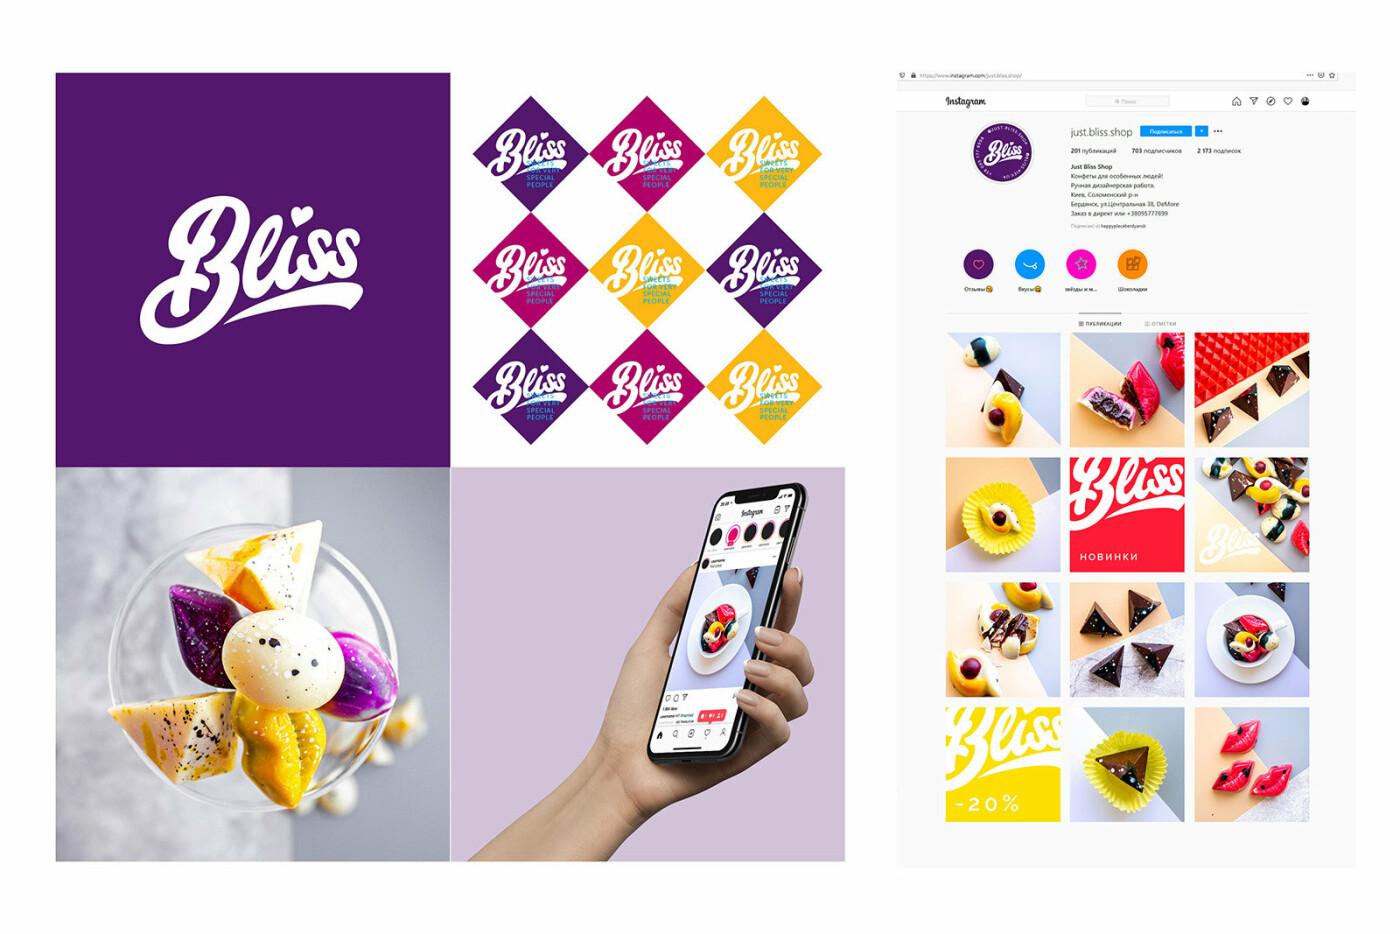 Наталья Белоусова: «Дизайн — это работа без границ», фото-14, Оформление Instagram